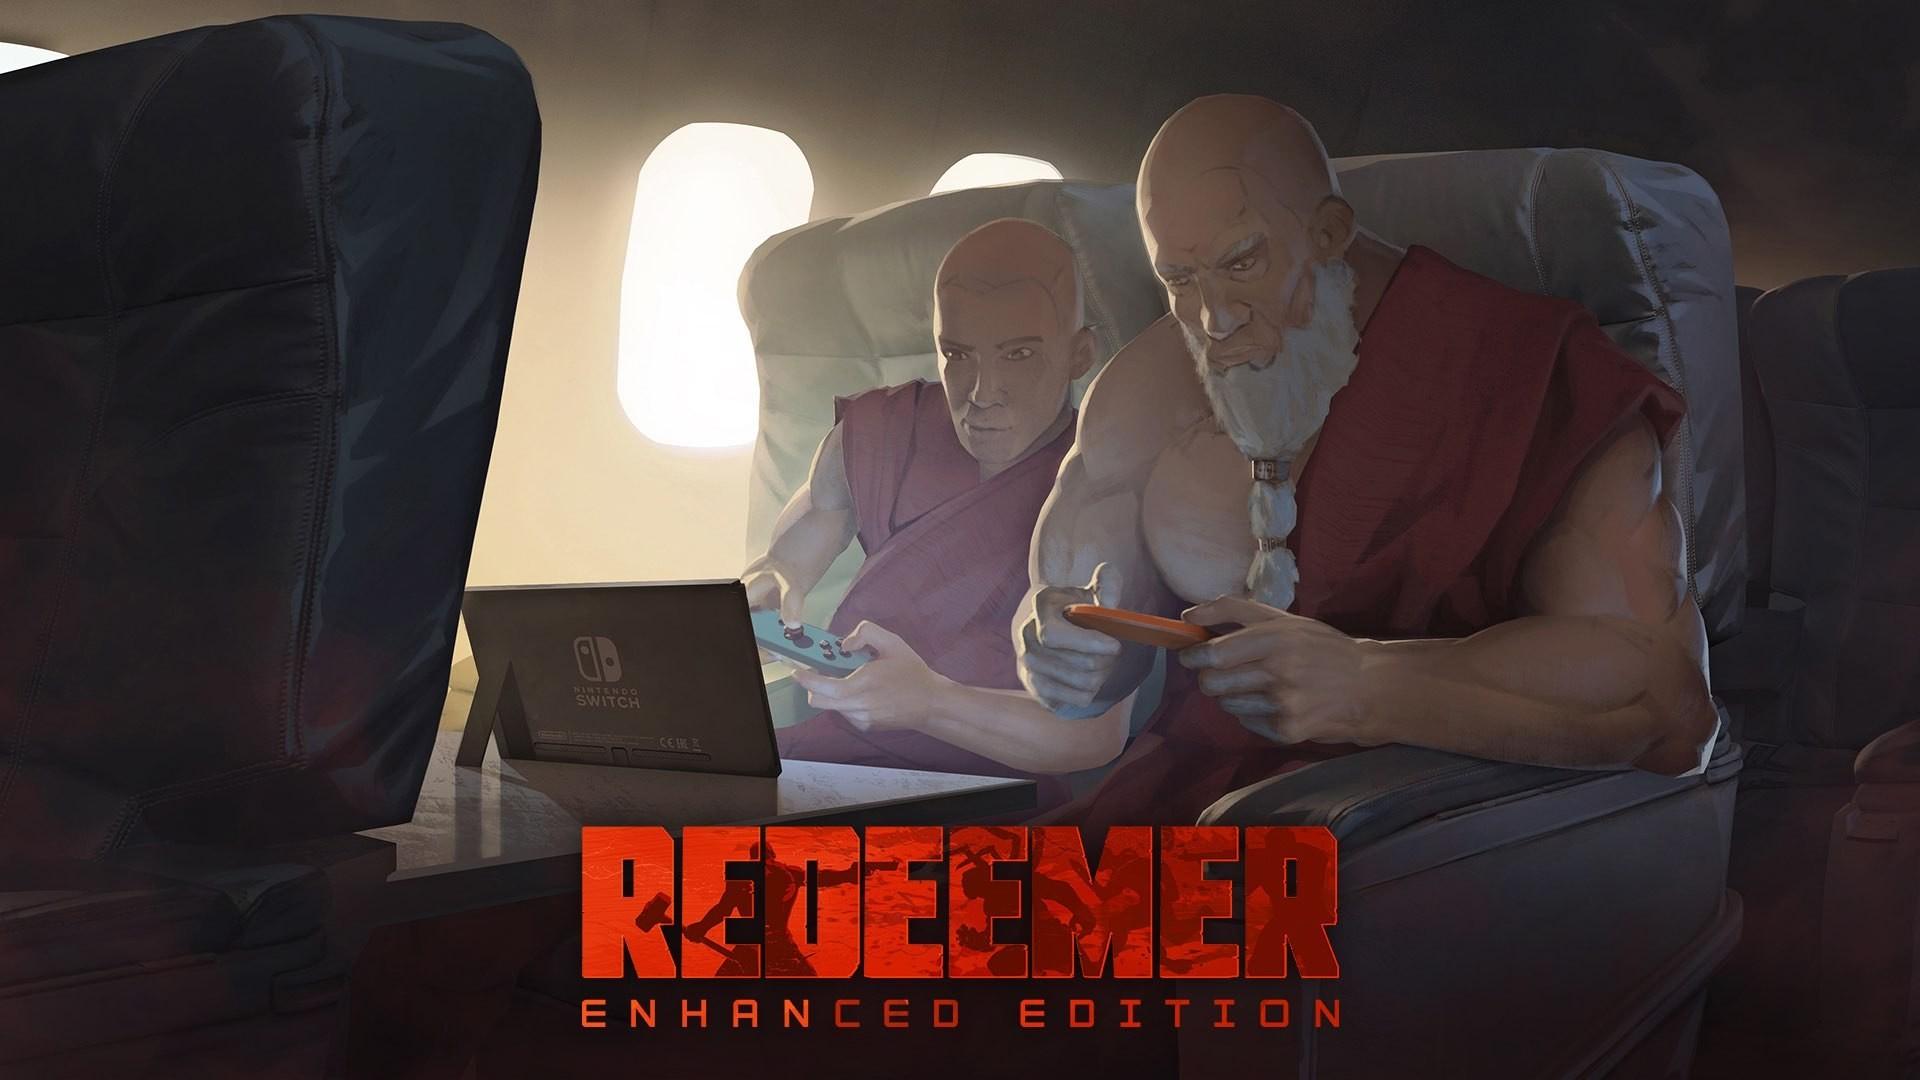 Василию не к спеху: Redeemer Enhanced Edition снова отложили